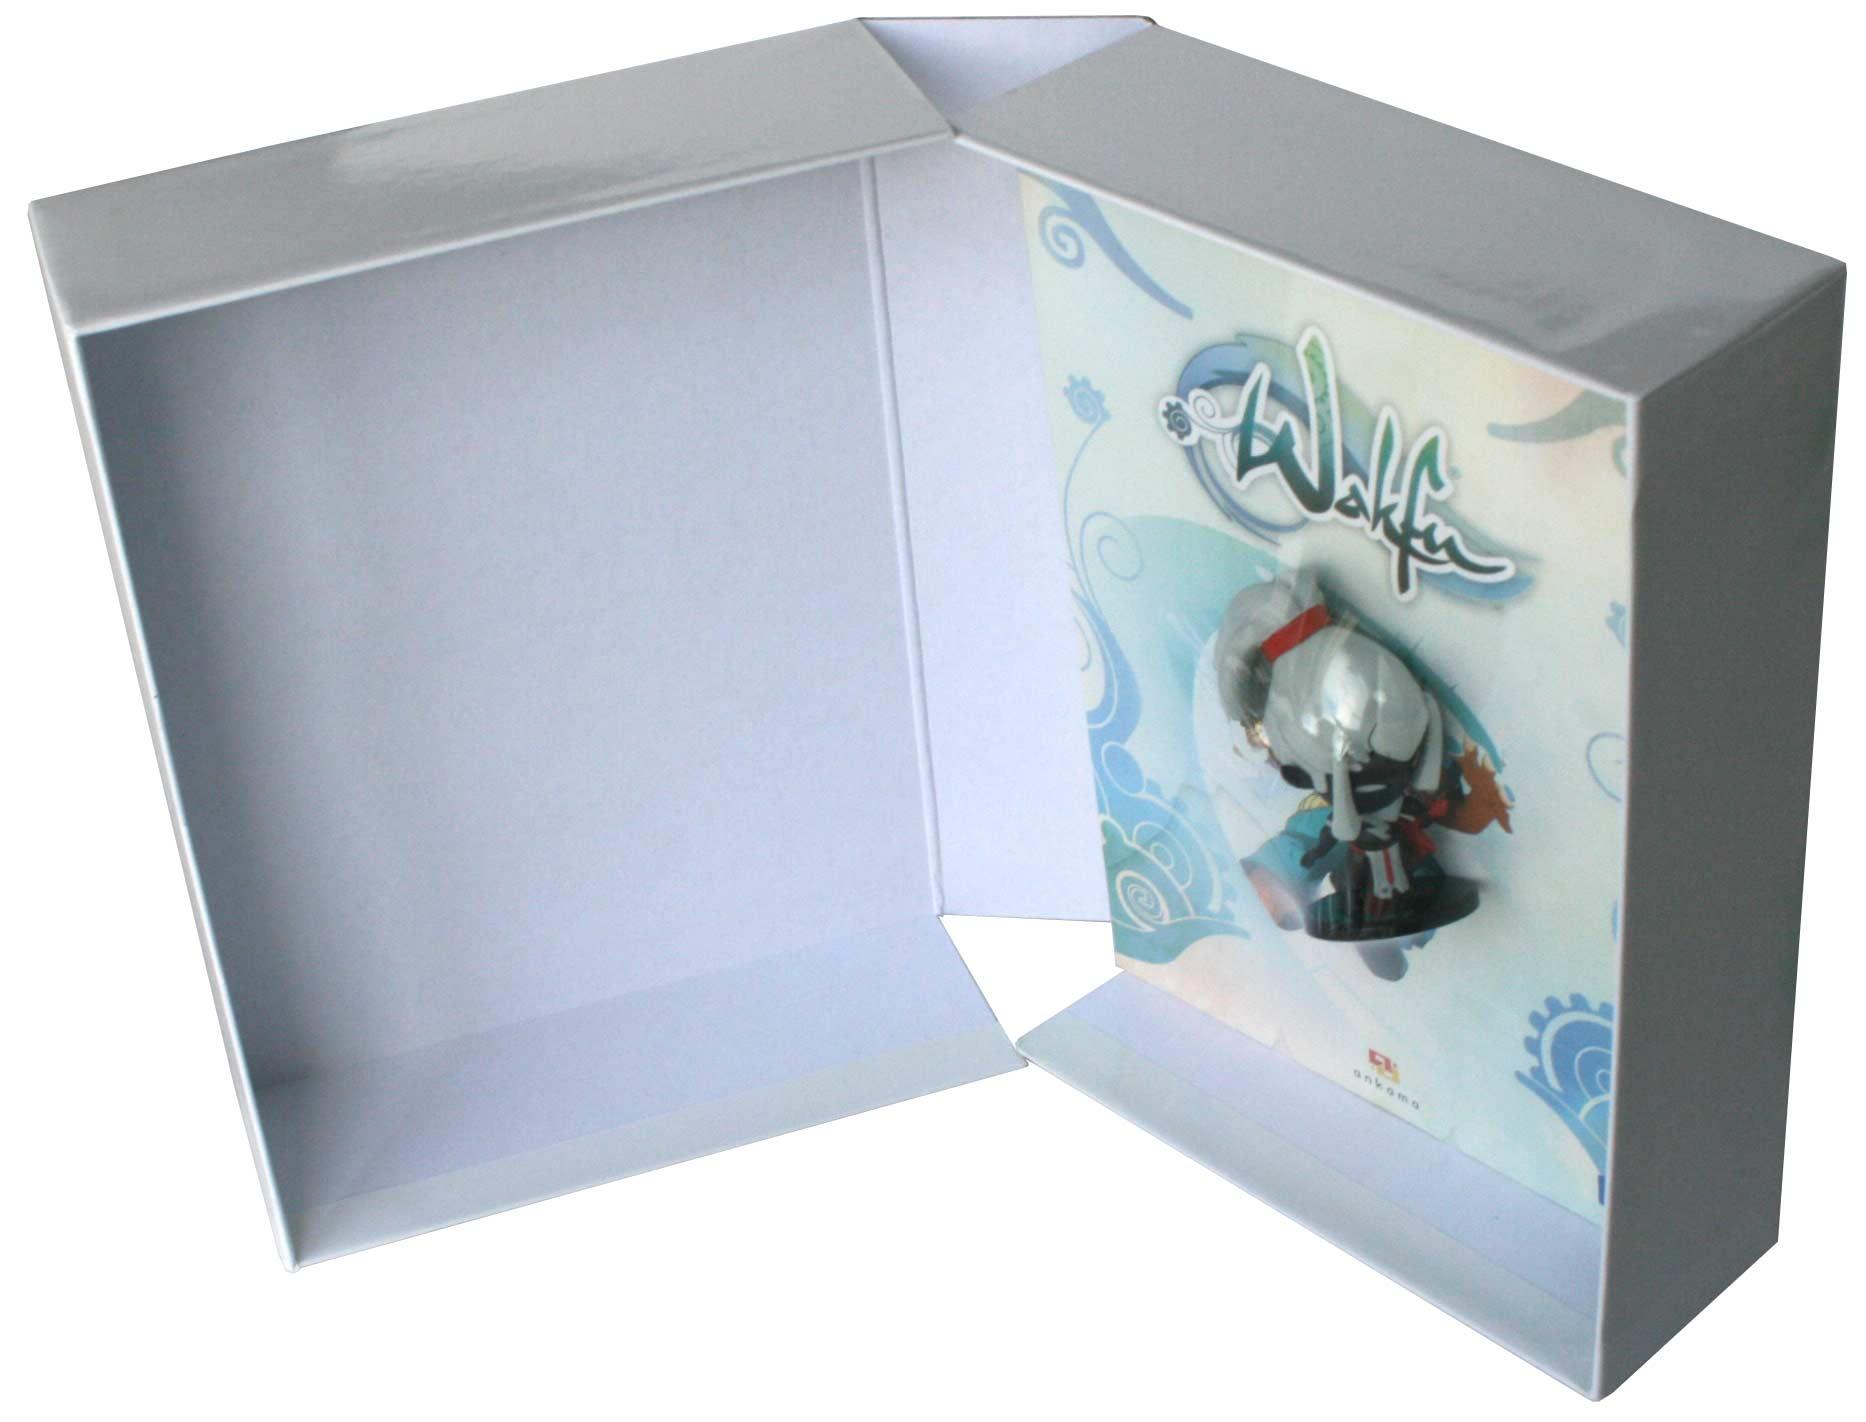 ouverture du Packaging de la Box DVD Wakfu saison 2 avec la figurine de Goultard Krosmaster